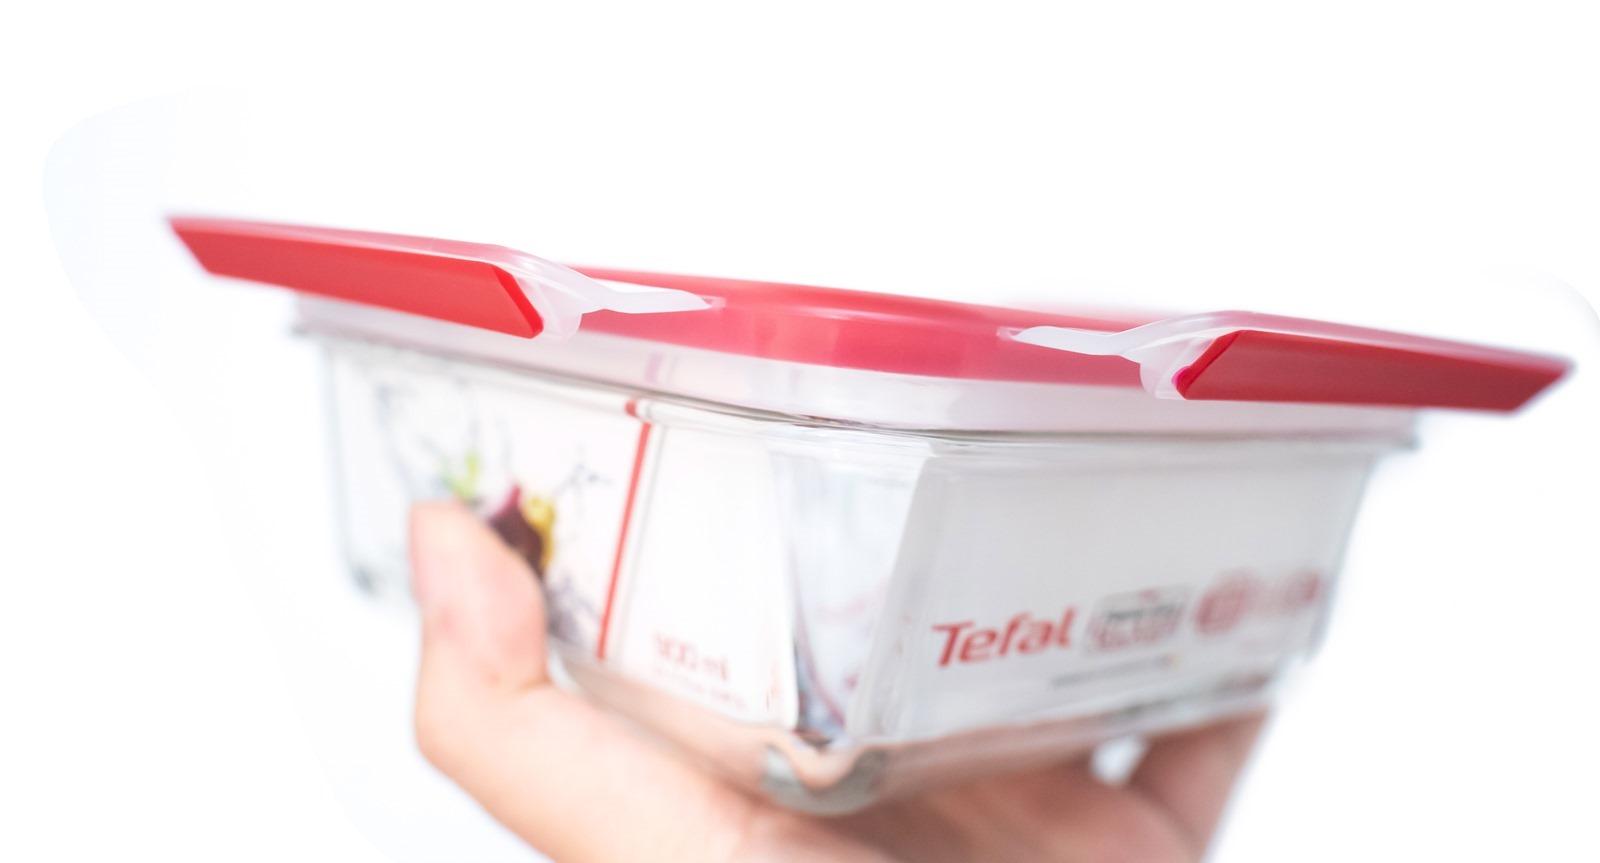 無縫保鮮 200%,輕鬆清潔推薦,法國特福 Tefal 無縫膠圈保鮮盒 @3C 達人廖阿輝